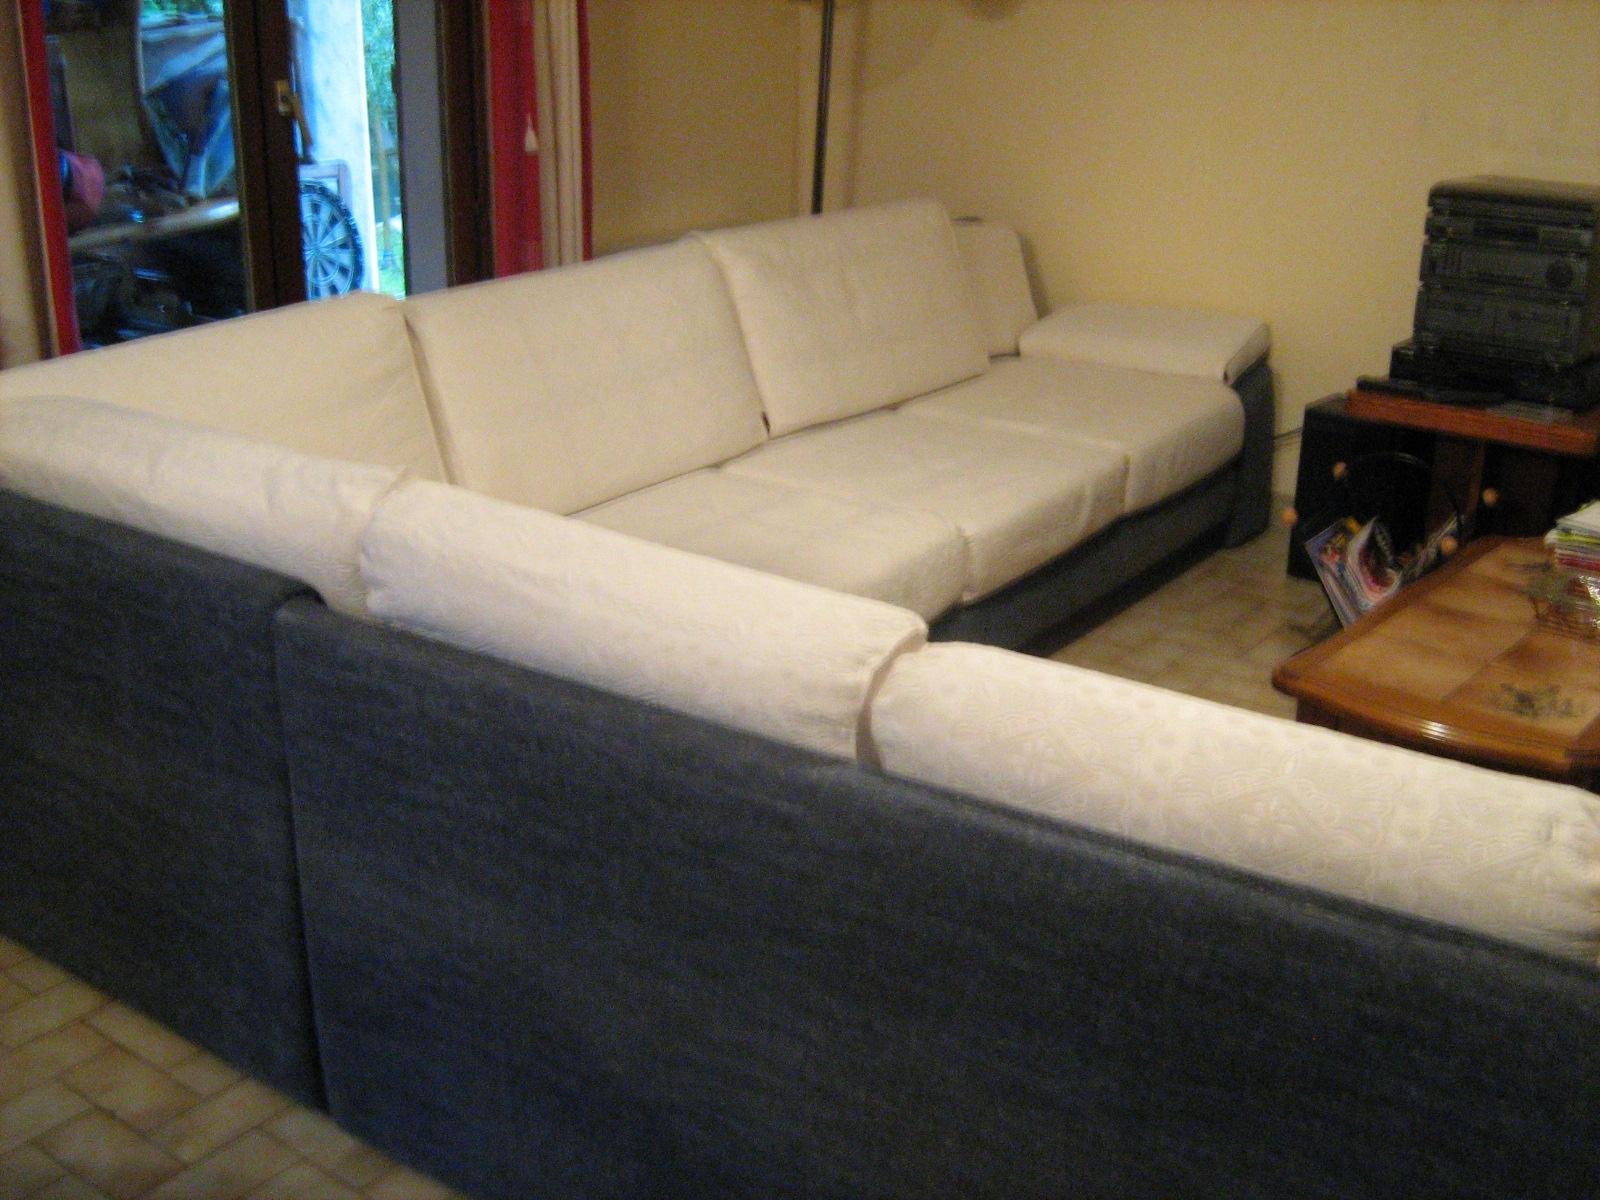 Jete De Canape D Angle Luxe Stock Chambre Fabriquer Housse Canapé D Angle Housse De Et Design